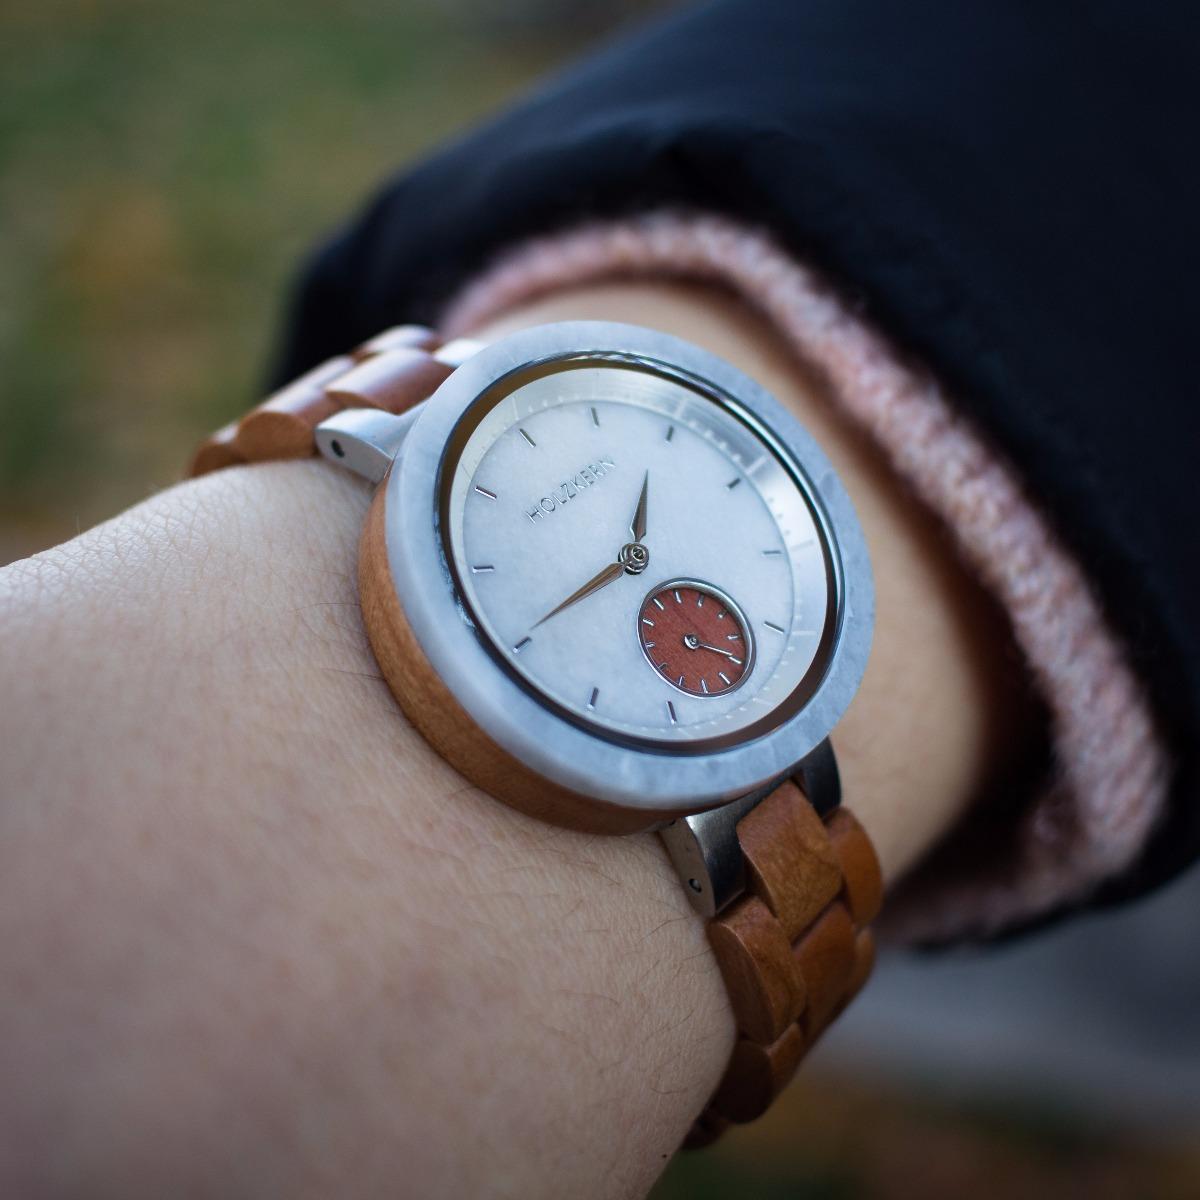 Ein Blick auf das Handgelenk dieser Dame zeigt die Holzuhr Luna von Holzkern